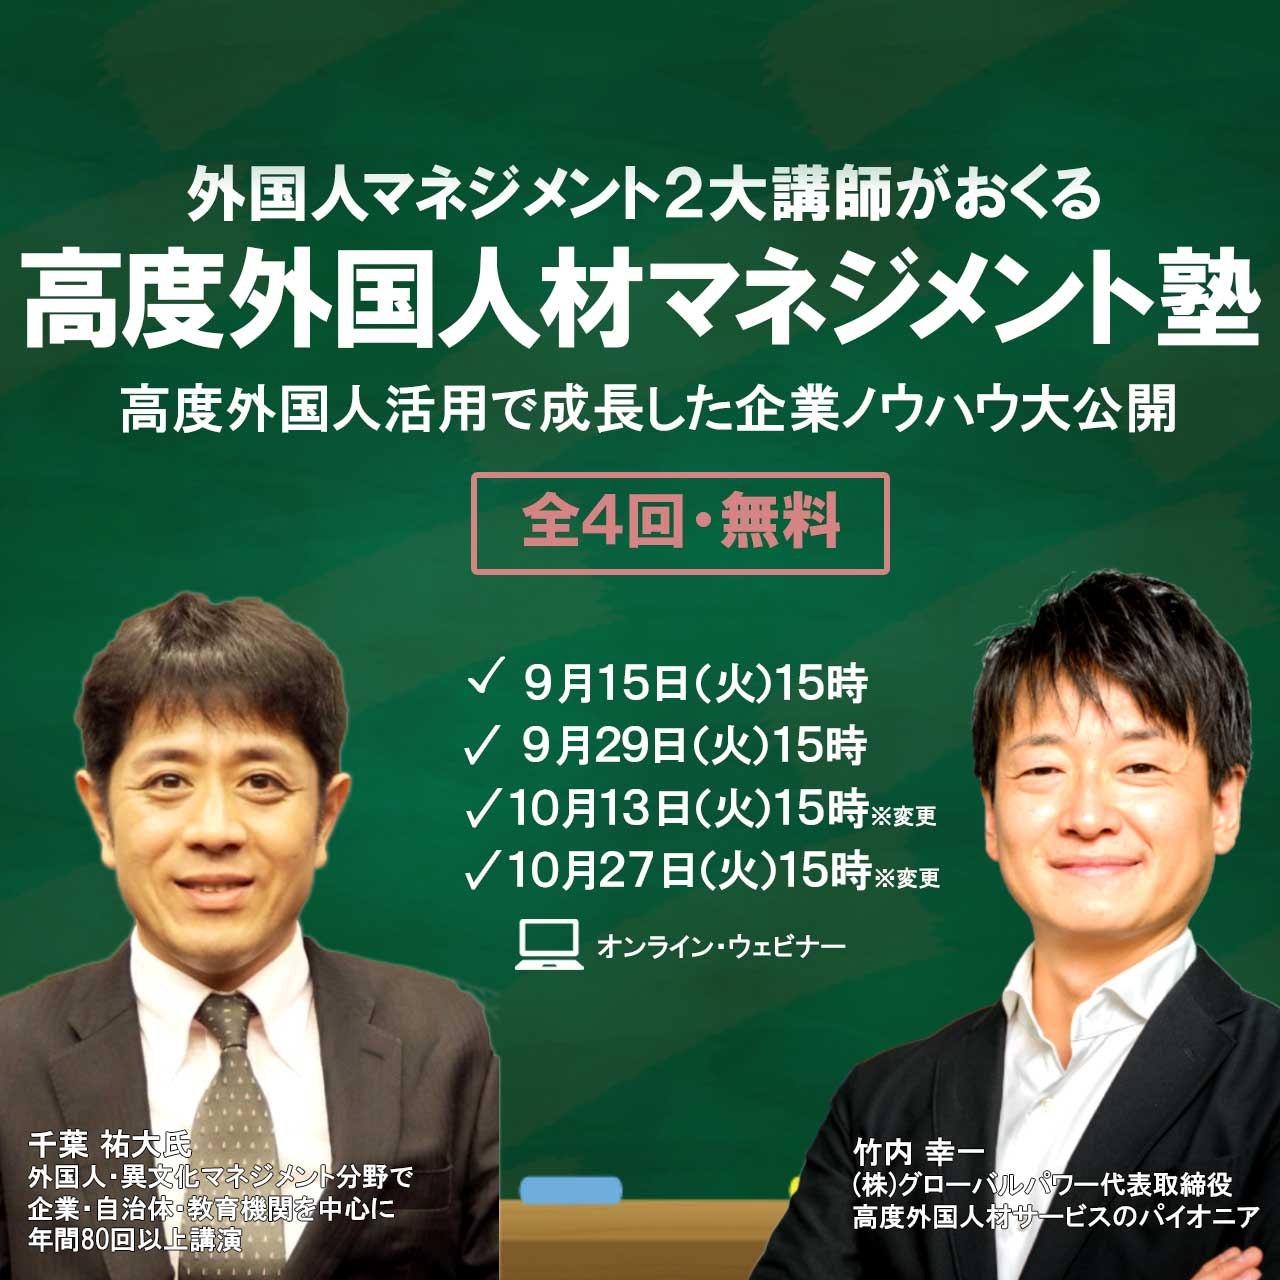 10/27【最終回】高度外国人材マネジメント塾(無料)開催